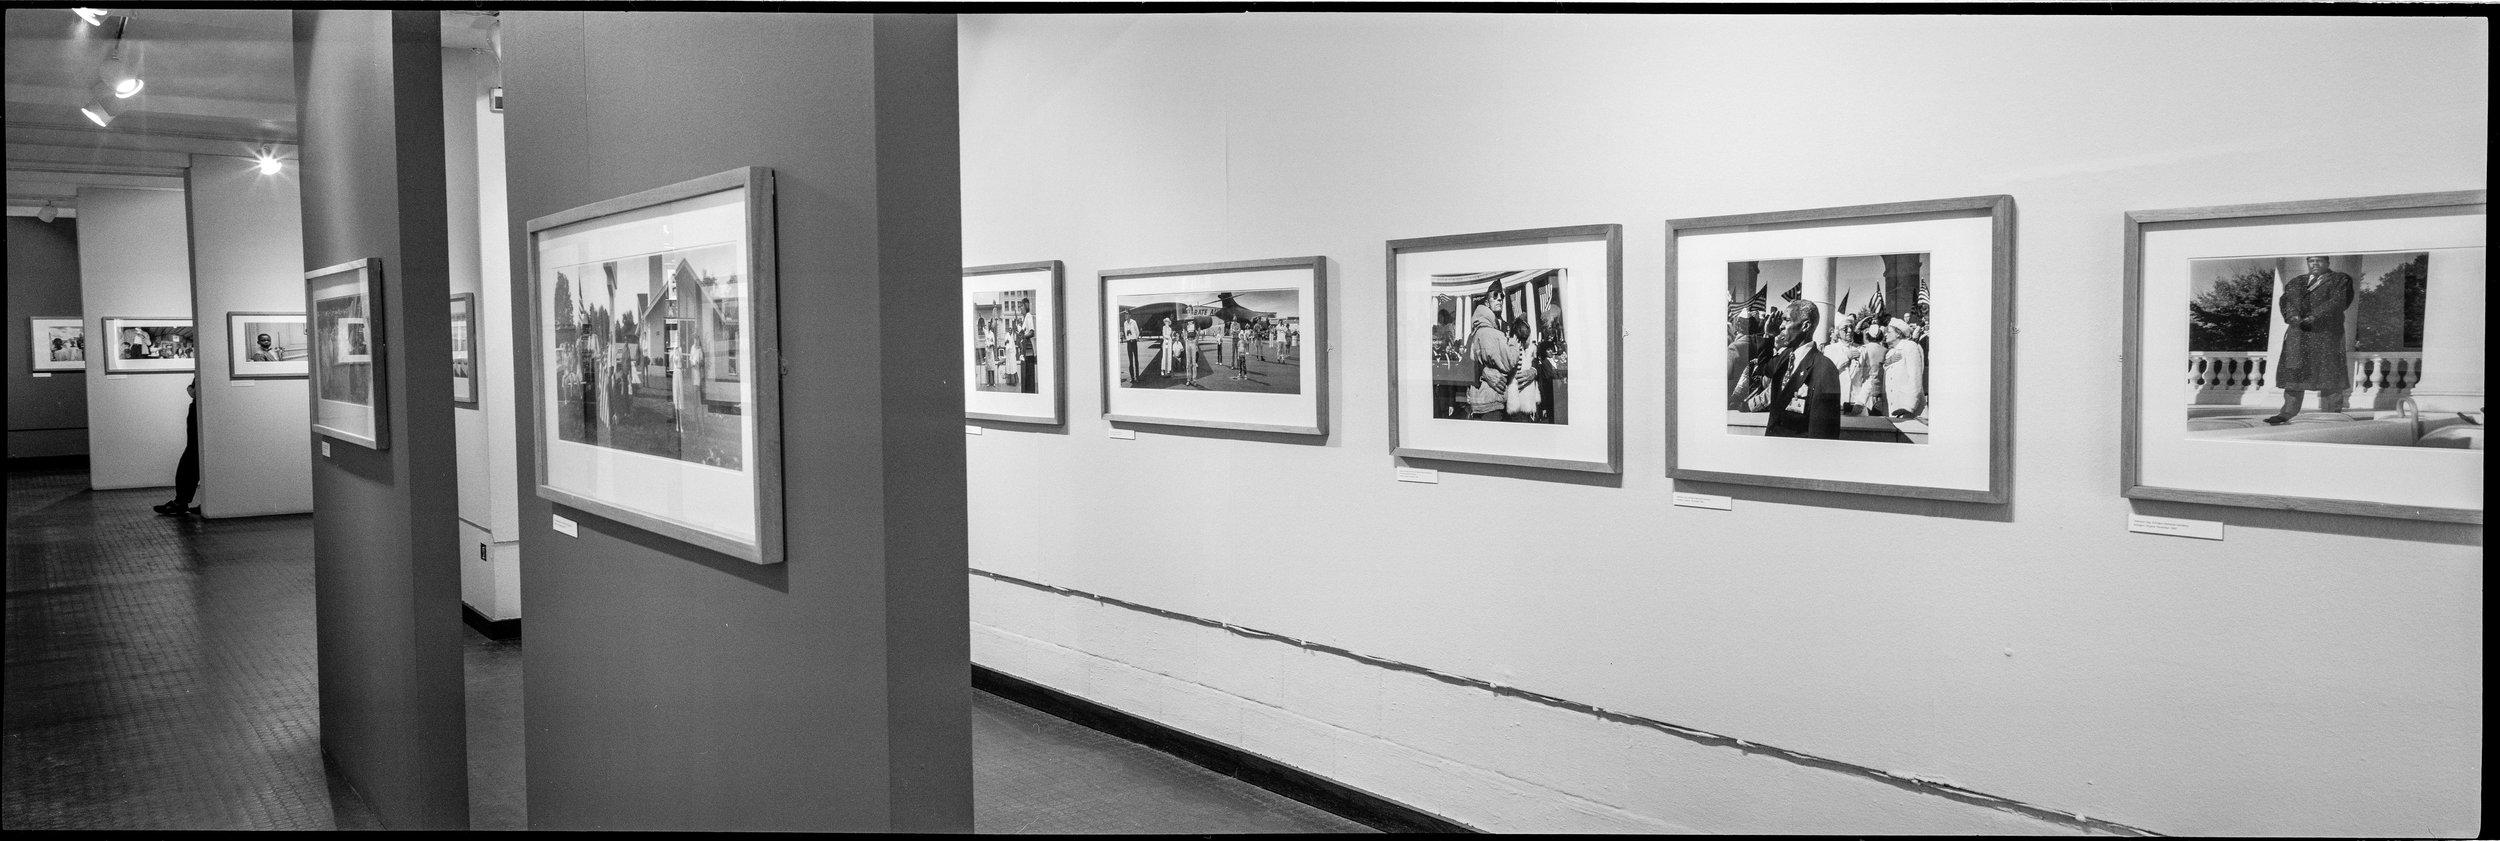 14-07-18-GodInc-expo-panoramisch-1992-1 001.jpg